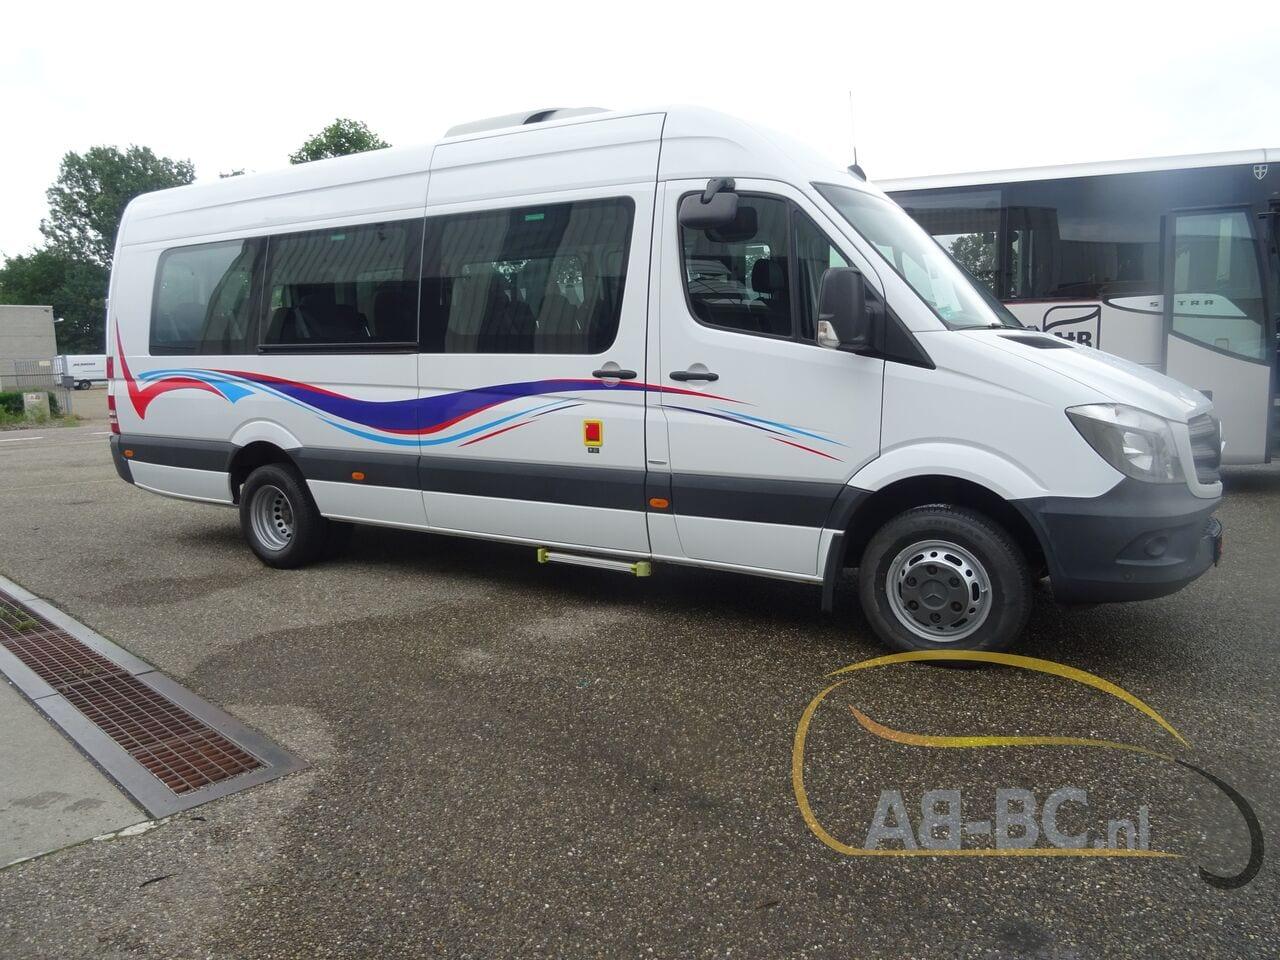 coach-busMERCEDES-BENZ-516-CDI-Sprinter-Transfer-45-23-Seats-EURO-6---1625493716733135547_big_356df7a1193b39ce5add8913899f0821--21060112394245379500